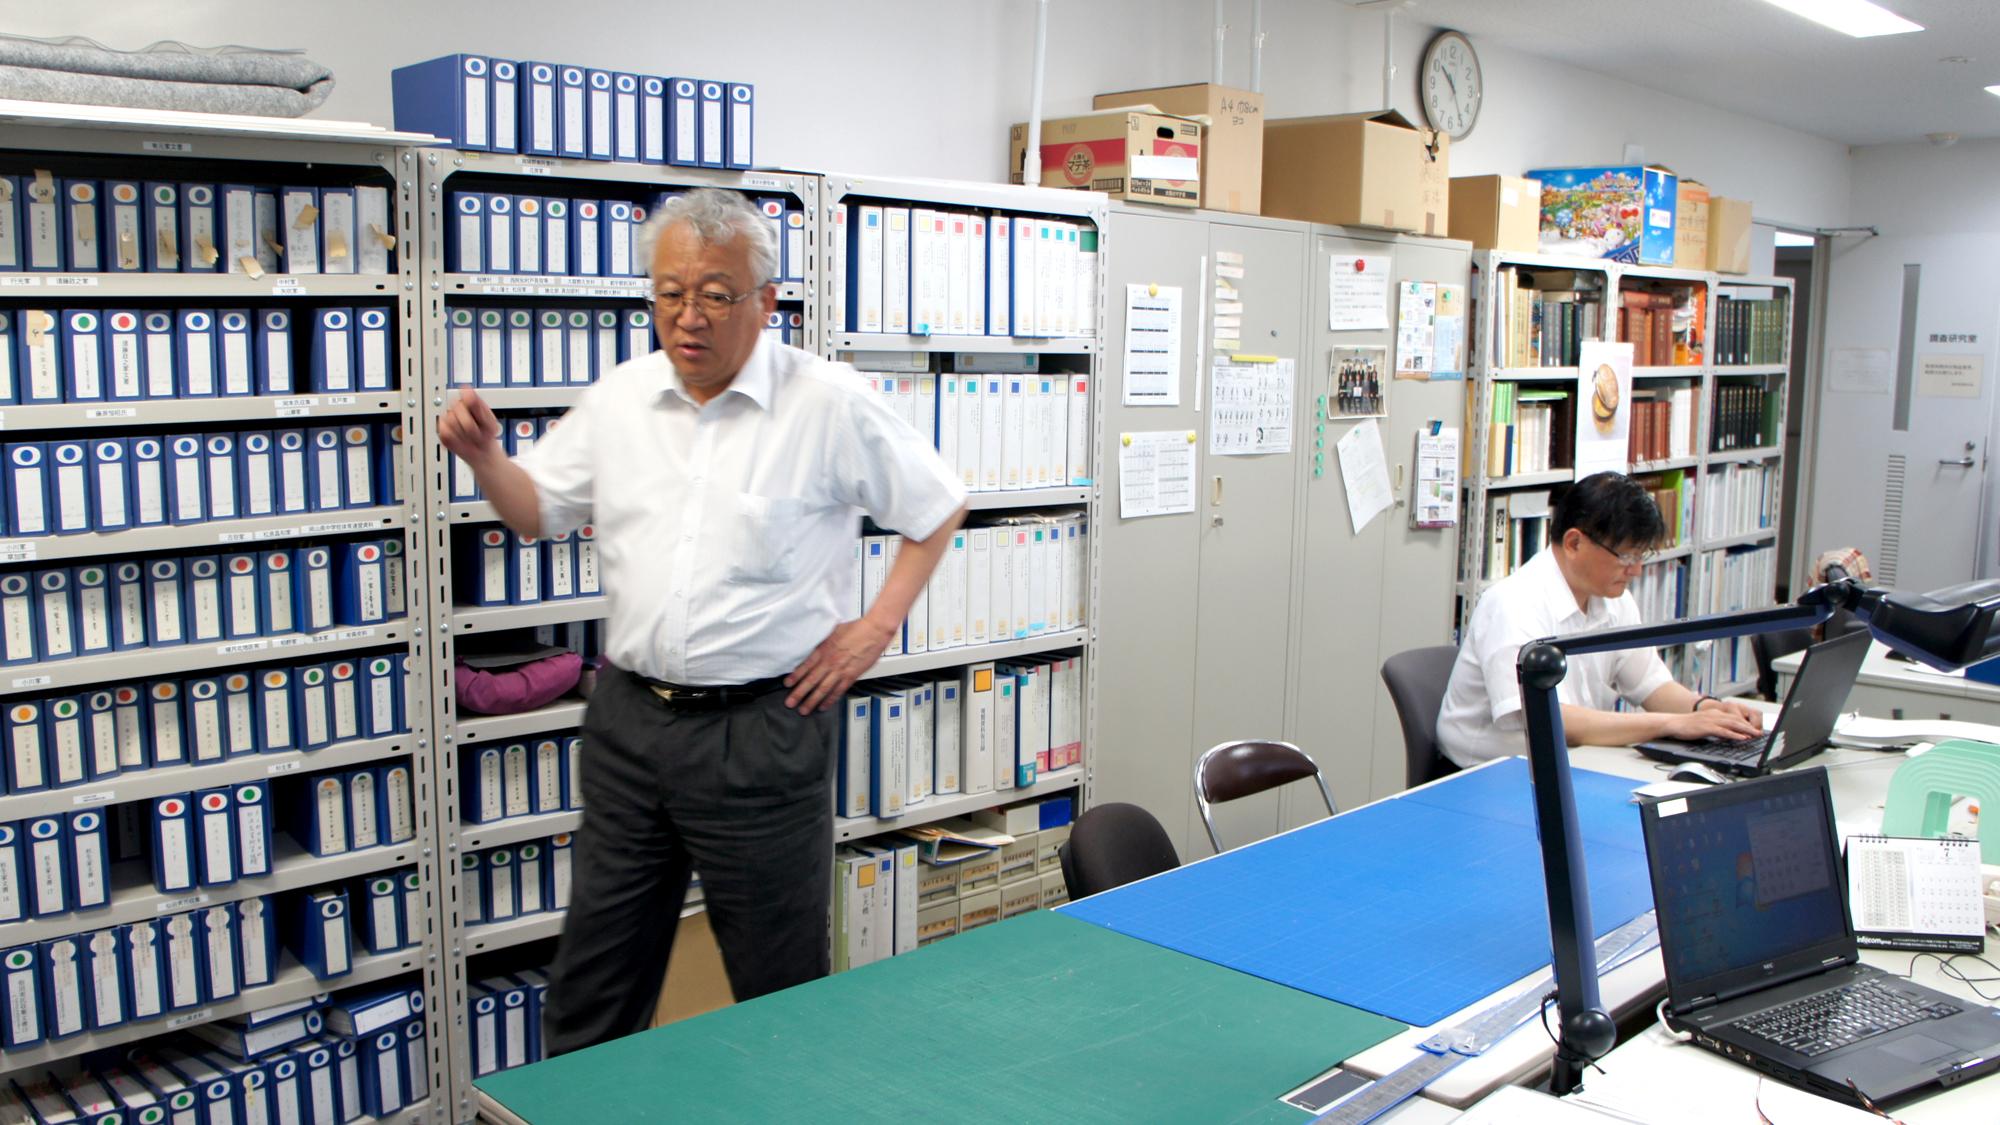 岡山県立記録資料館・定兼館長学館長に聞く ここに記録が残っている……それが県民の安心感